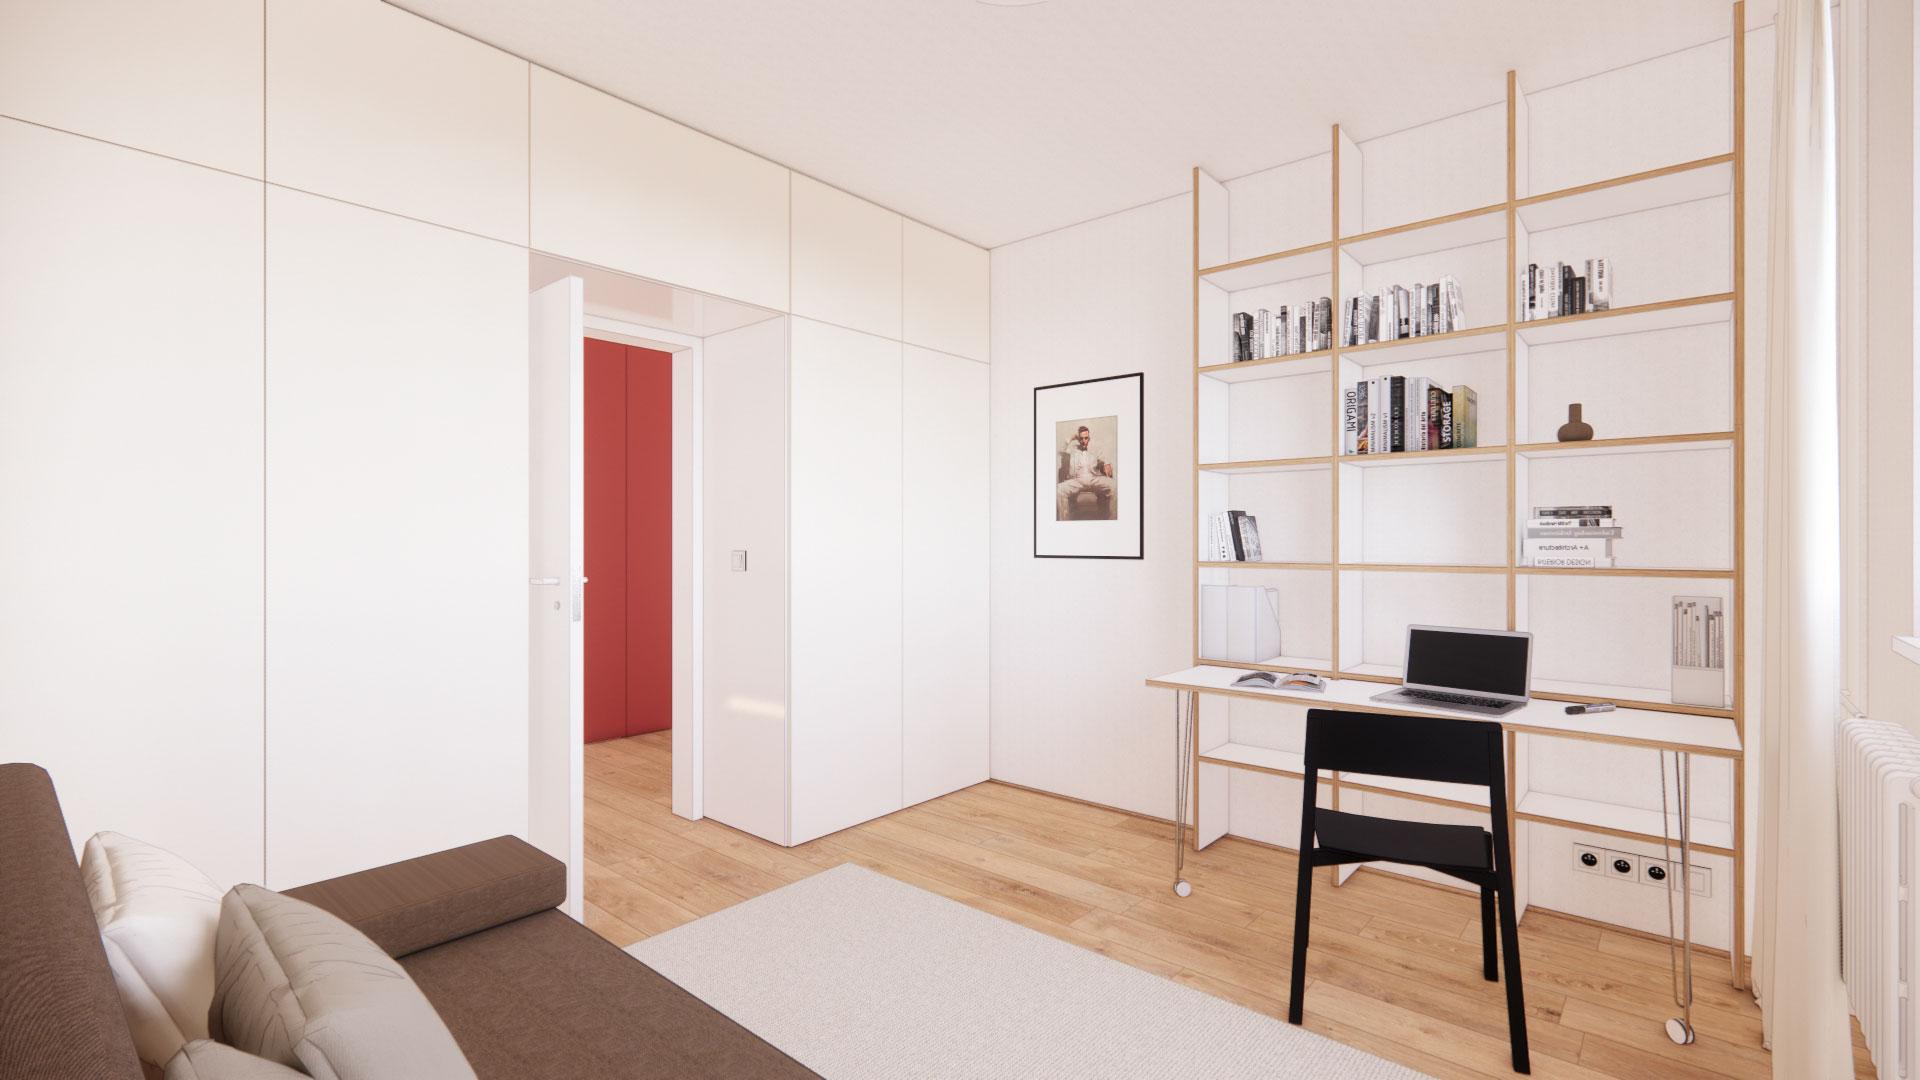 noiz-architekti-interier-byt-lotysska-11